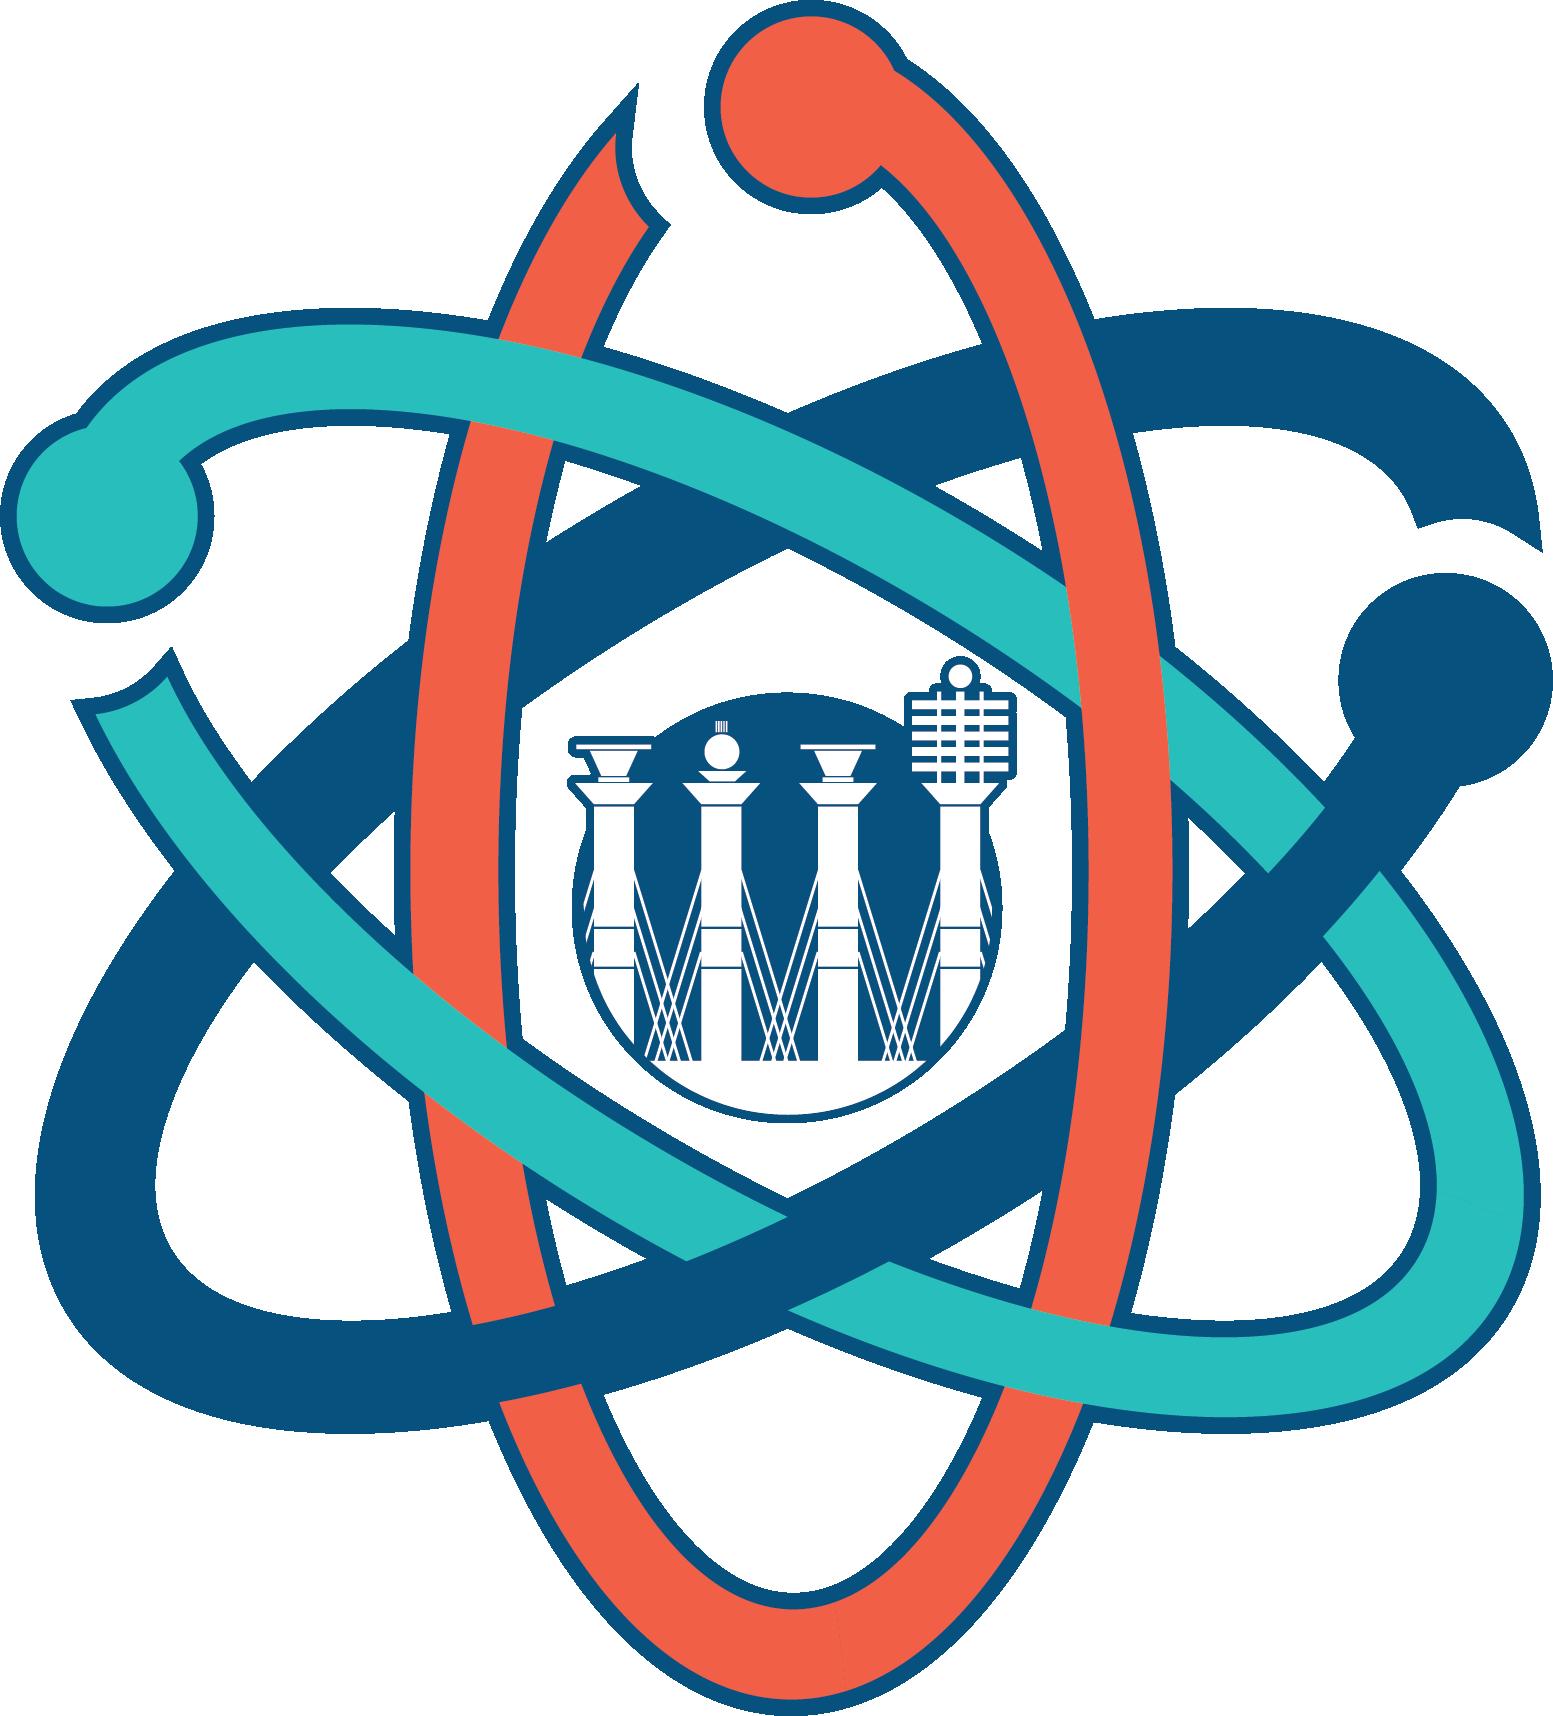 KC STEM Events Survey